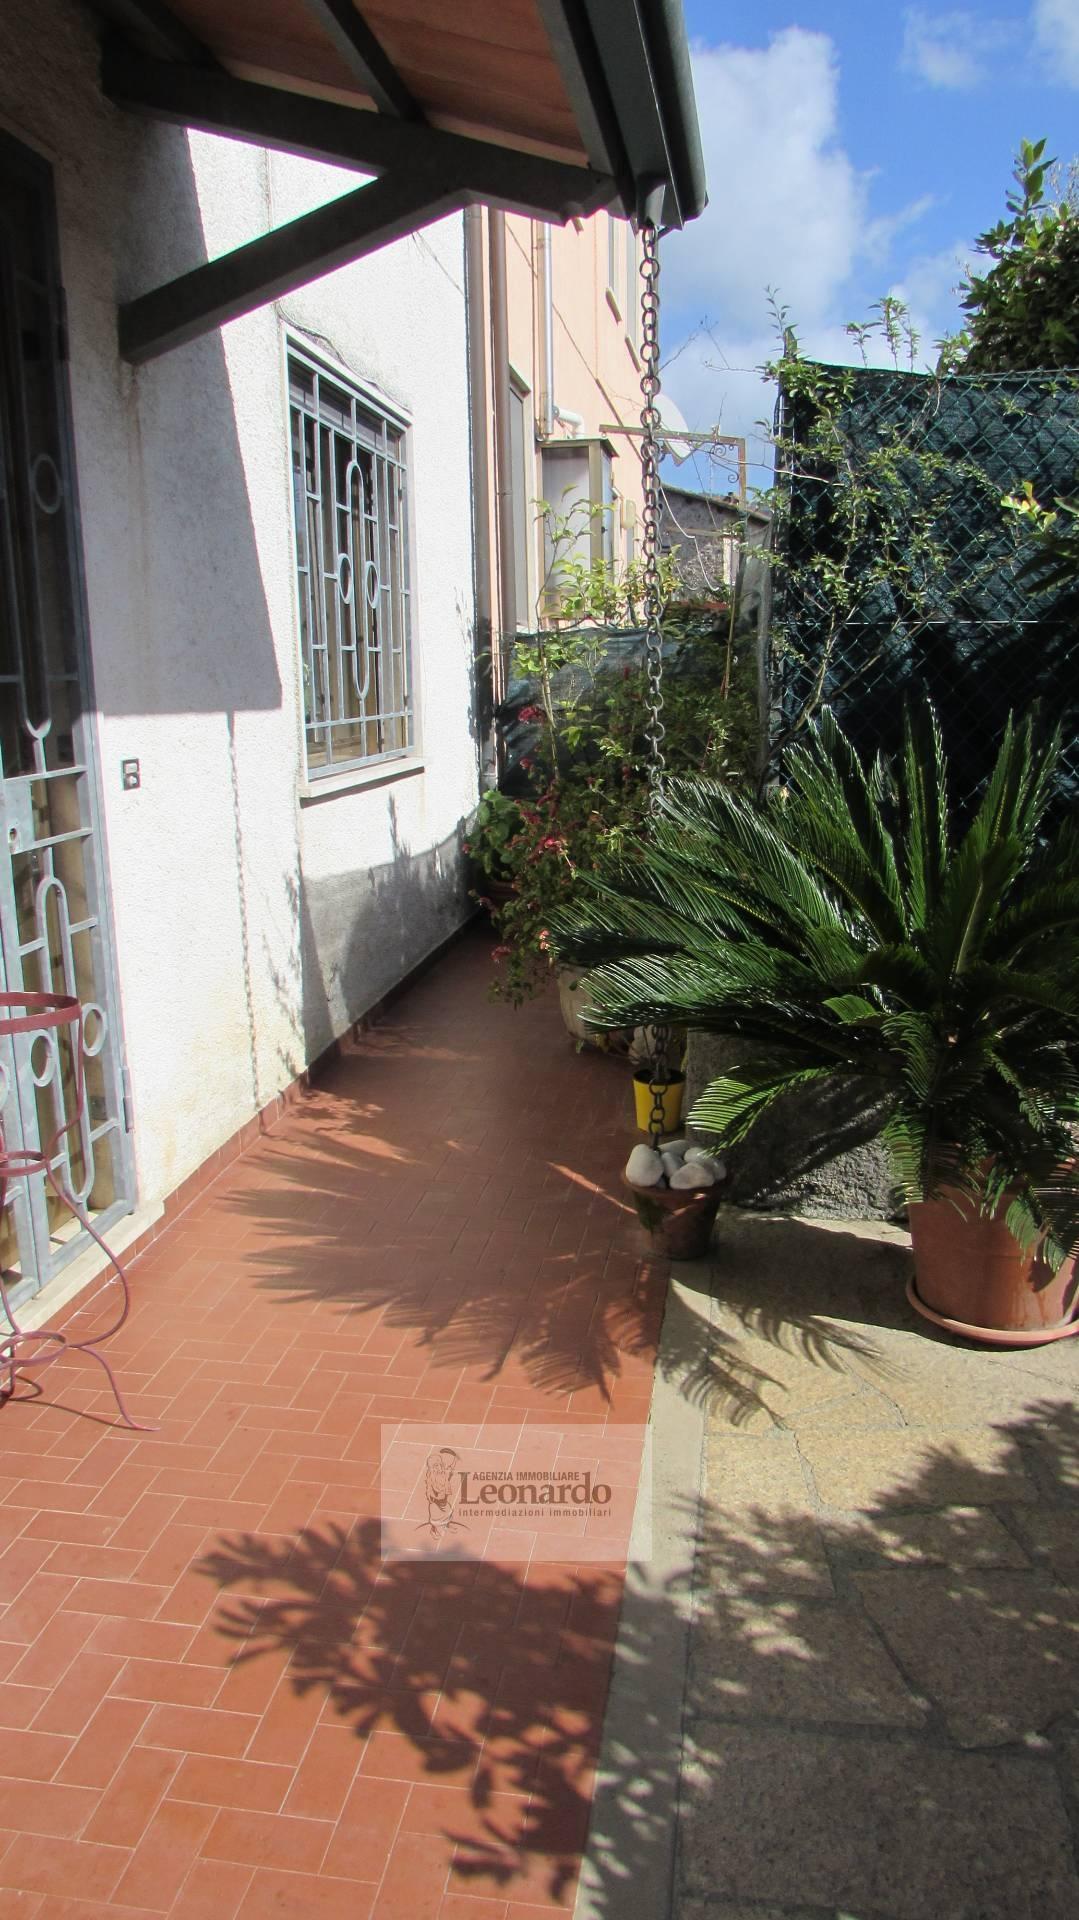 Soluzione Indipendente in vendita a Massarosa, 5 locali, zona Zona: Massarosa, prezzo € 160.000 | CambioCasa.it